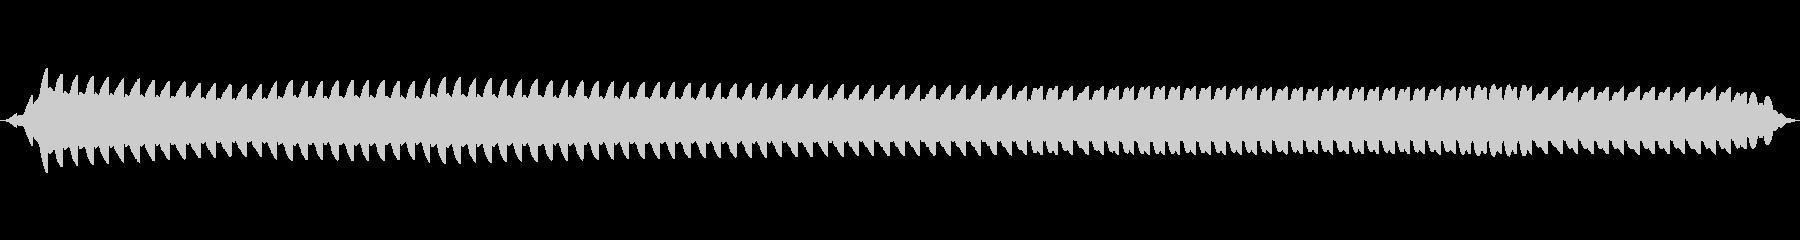 合成、アラームアラームの未再生の波形